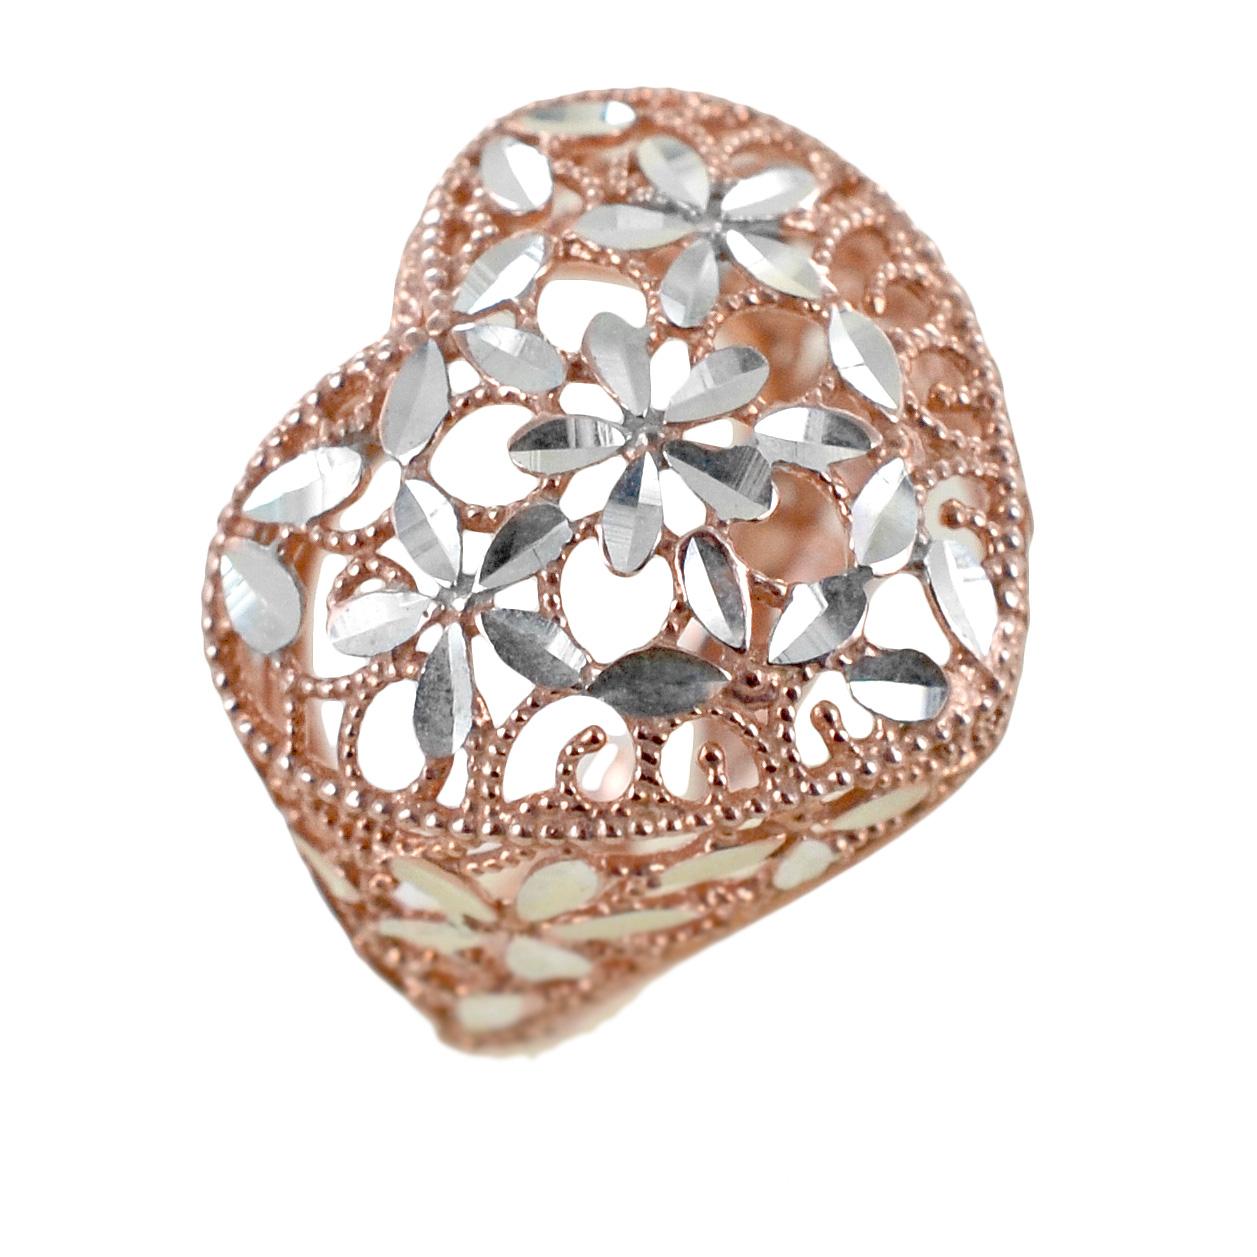 Anello con cuore scintillante in argento rosa e silver